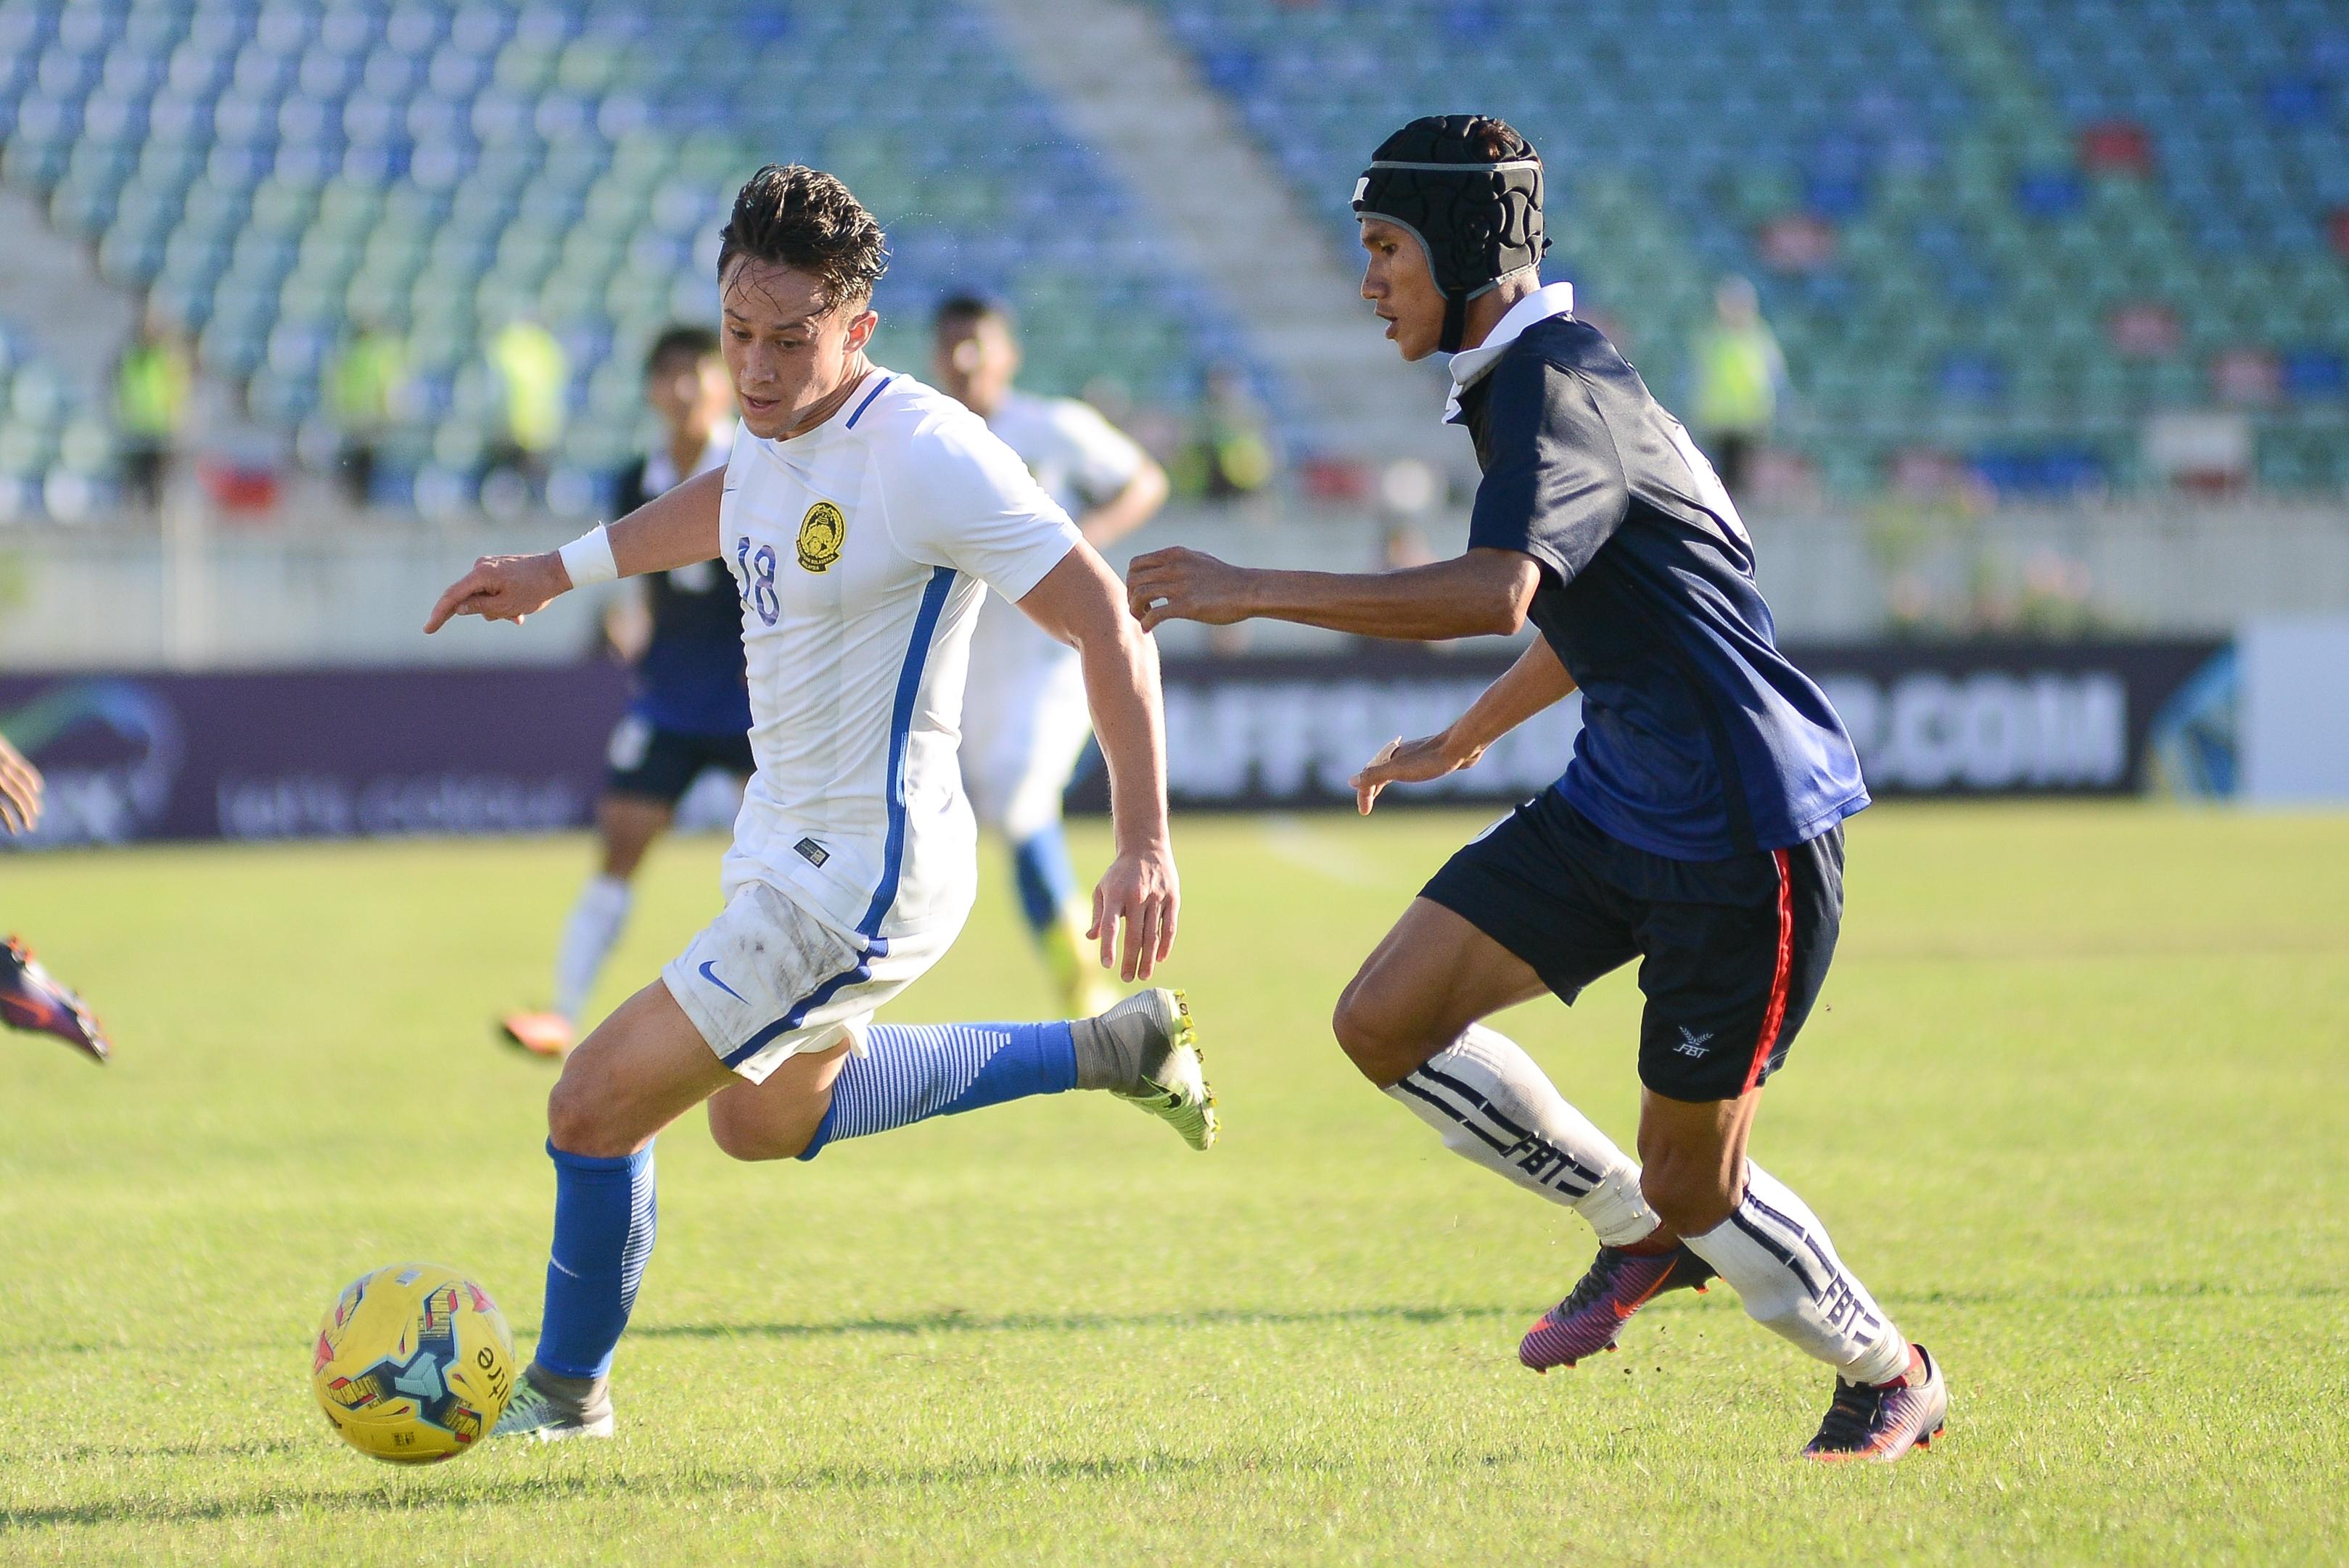 Darren Lok in the Malaysia v Cambodia match - 2016 AFF Suzuki Cup 20/11/16